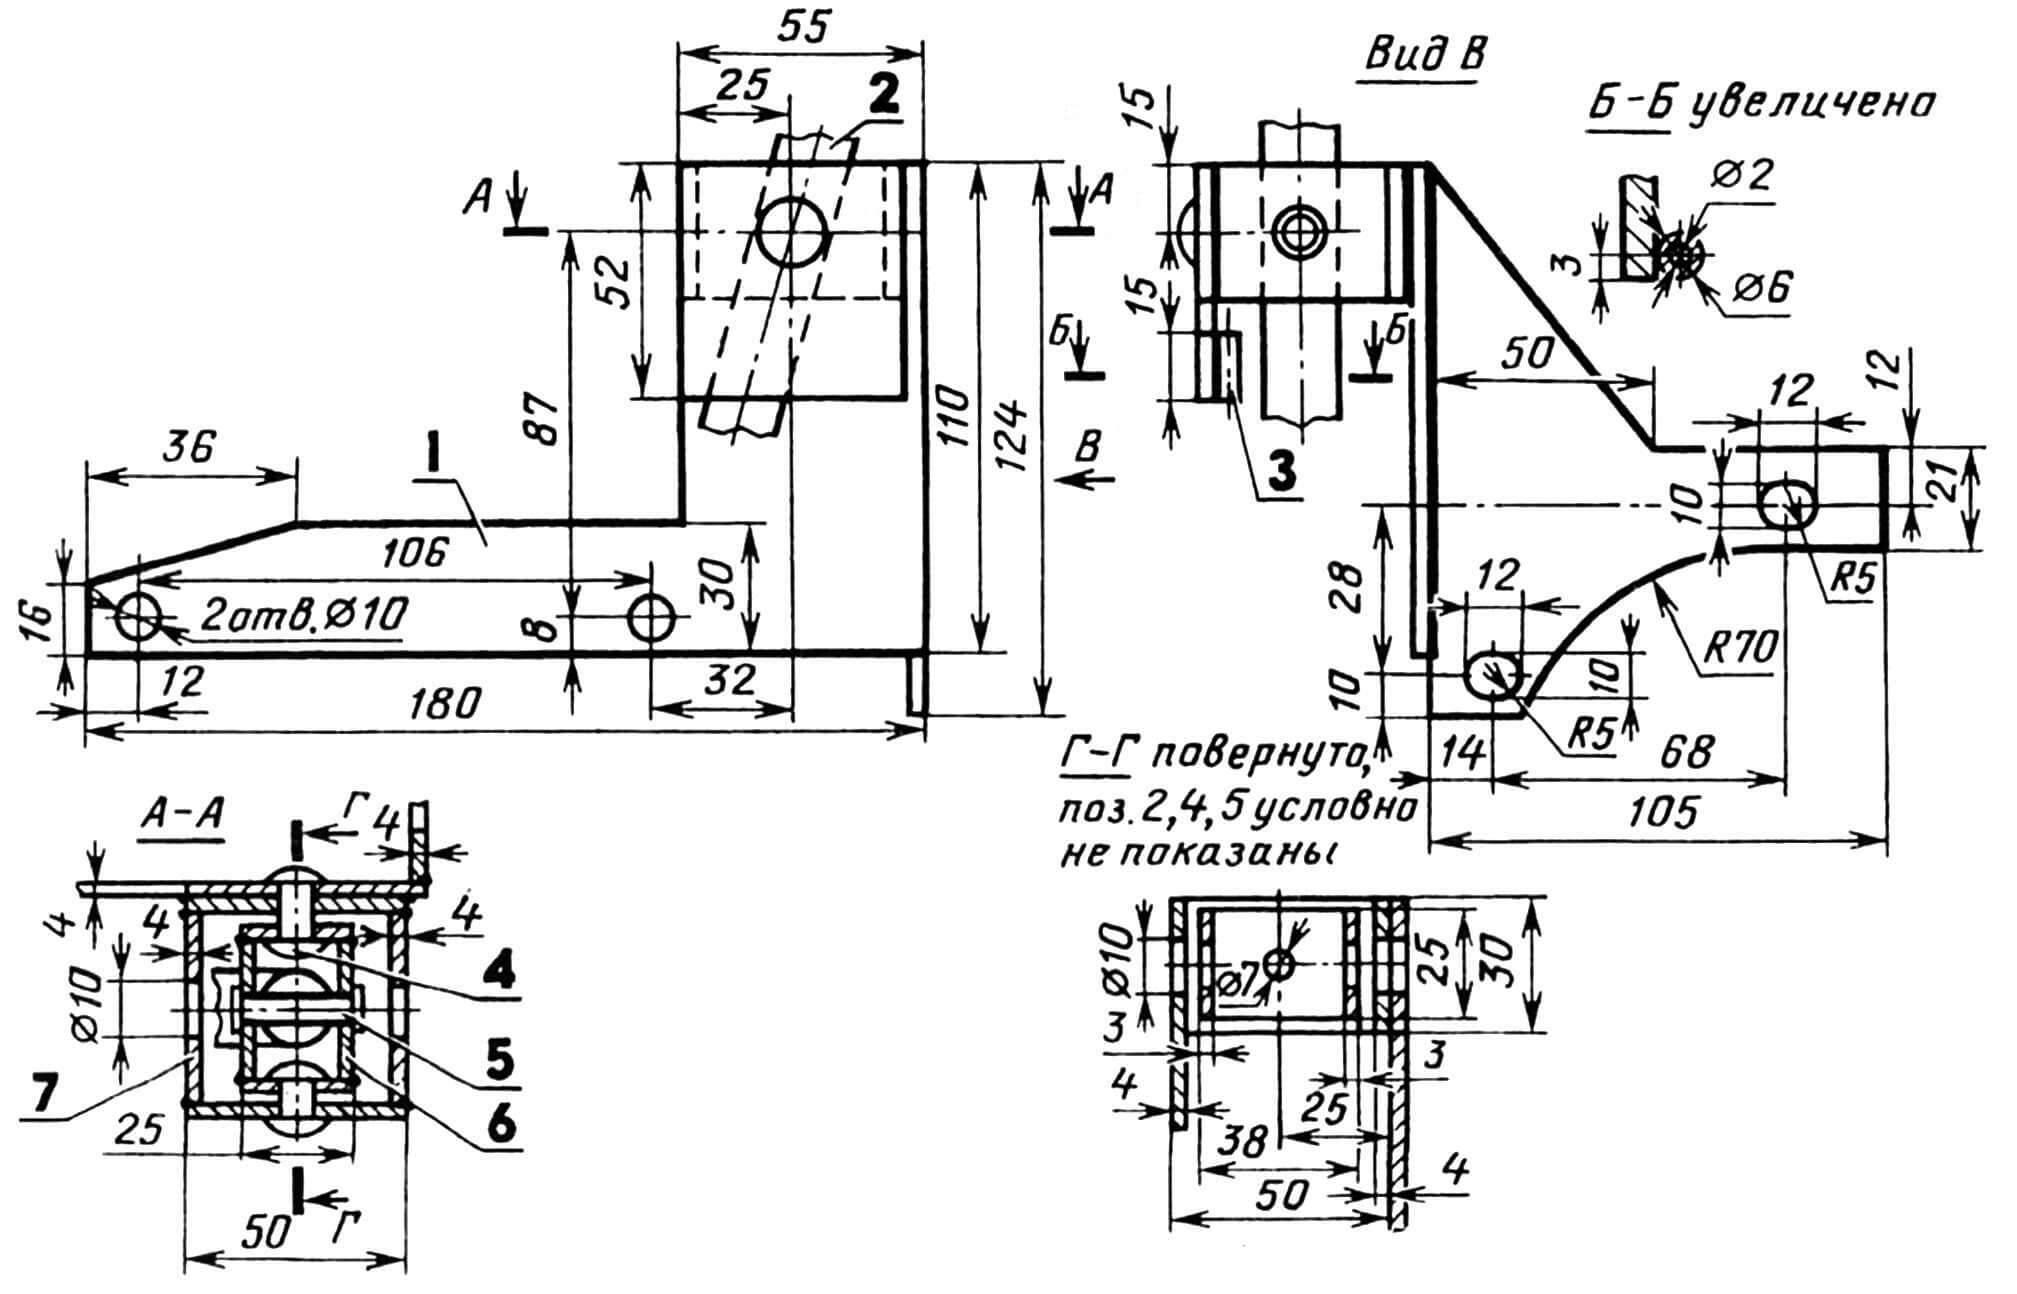 Шарнирный узел: 1 — кронштейн (Ст3), 2 — рычаг переключения передач, 3 — втулка для установки концевого выключателя сигнализации «Задний ход» (Ст3, пруток ø 6 мм), 4 — ось продольного перемещения рычага (Ст3, пруток ø 8 мм), 5 — ось поперечного перемещения рычага (Ст3, пруток ø 6 мм), 6 — внутренняя рамка (Ст3), 7 — внешняя рамка (Ст3).